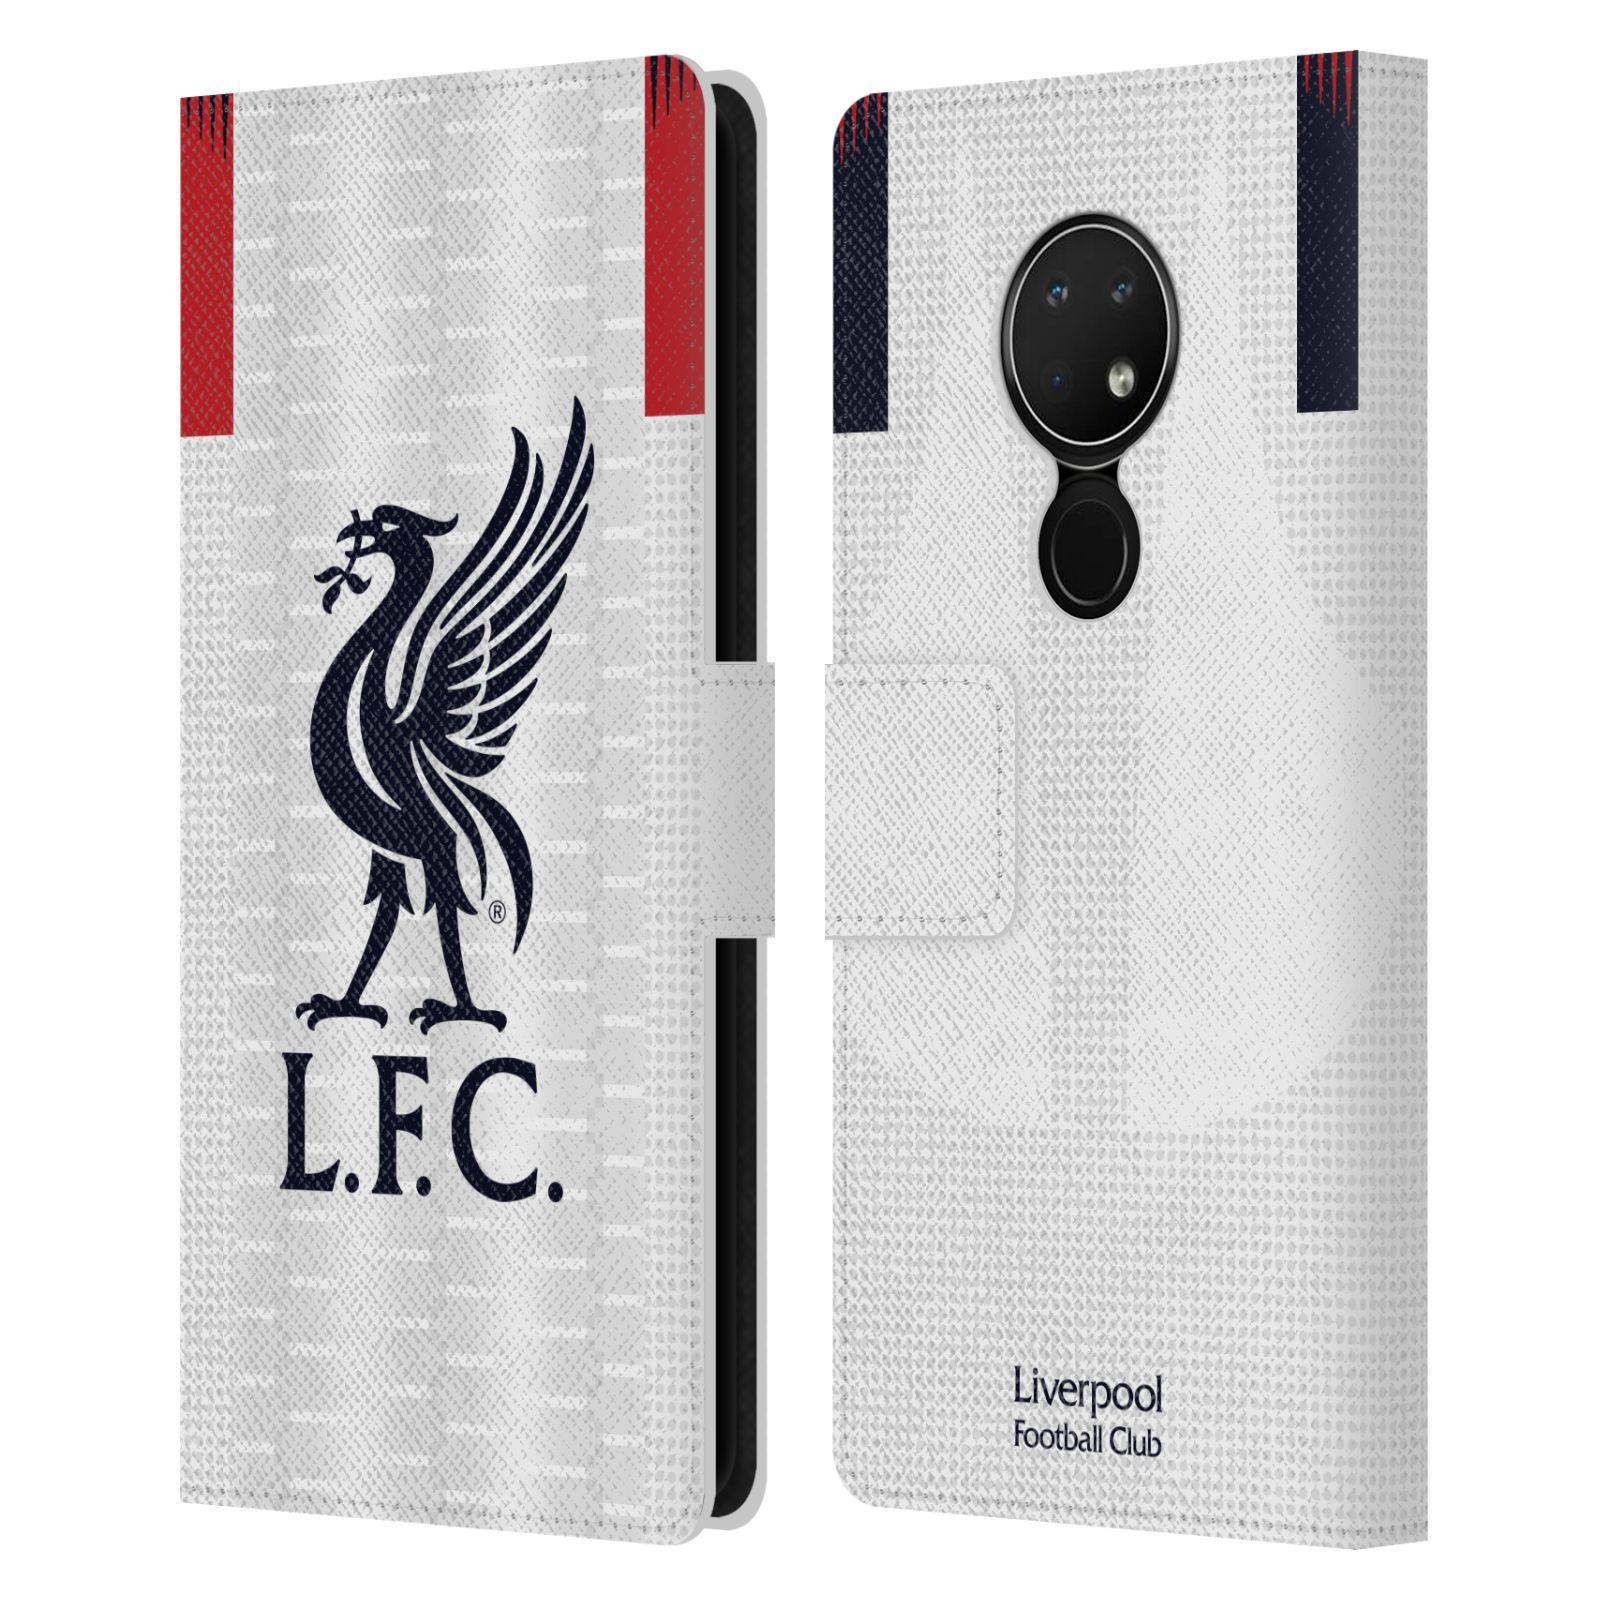 Pouzdro na mobil Nokia 6.2 - Head Case - fotbalový klub liverpool bílý dres